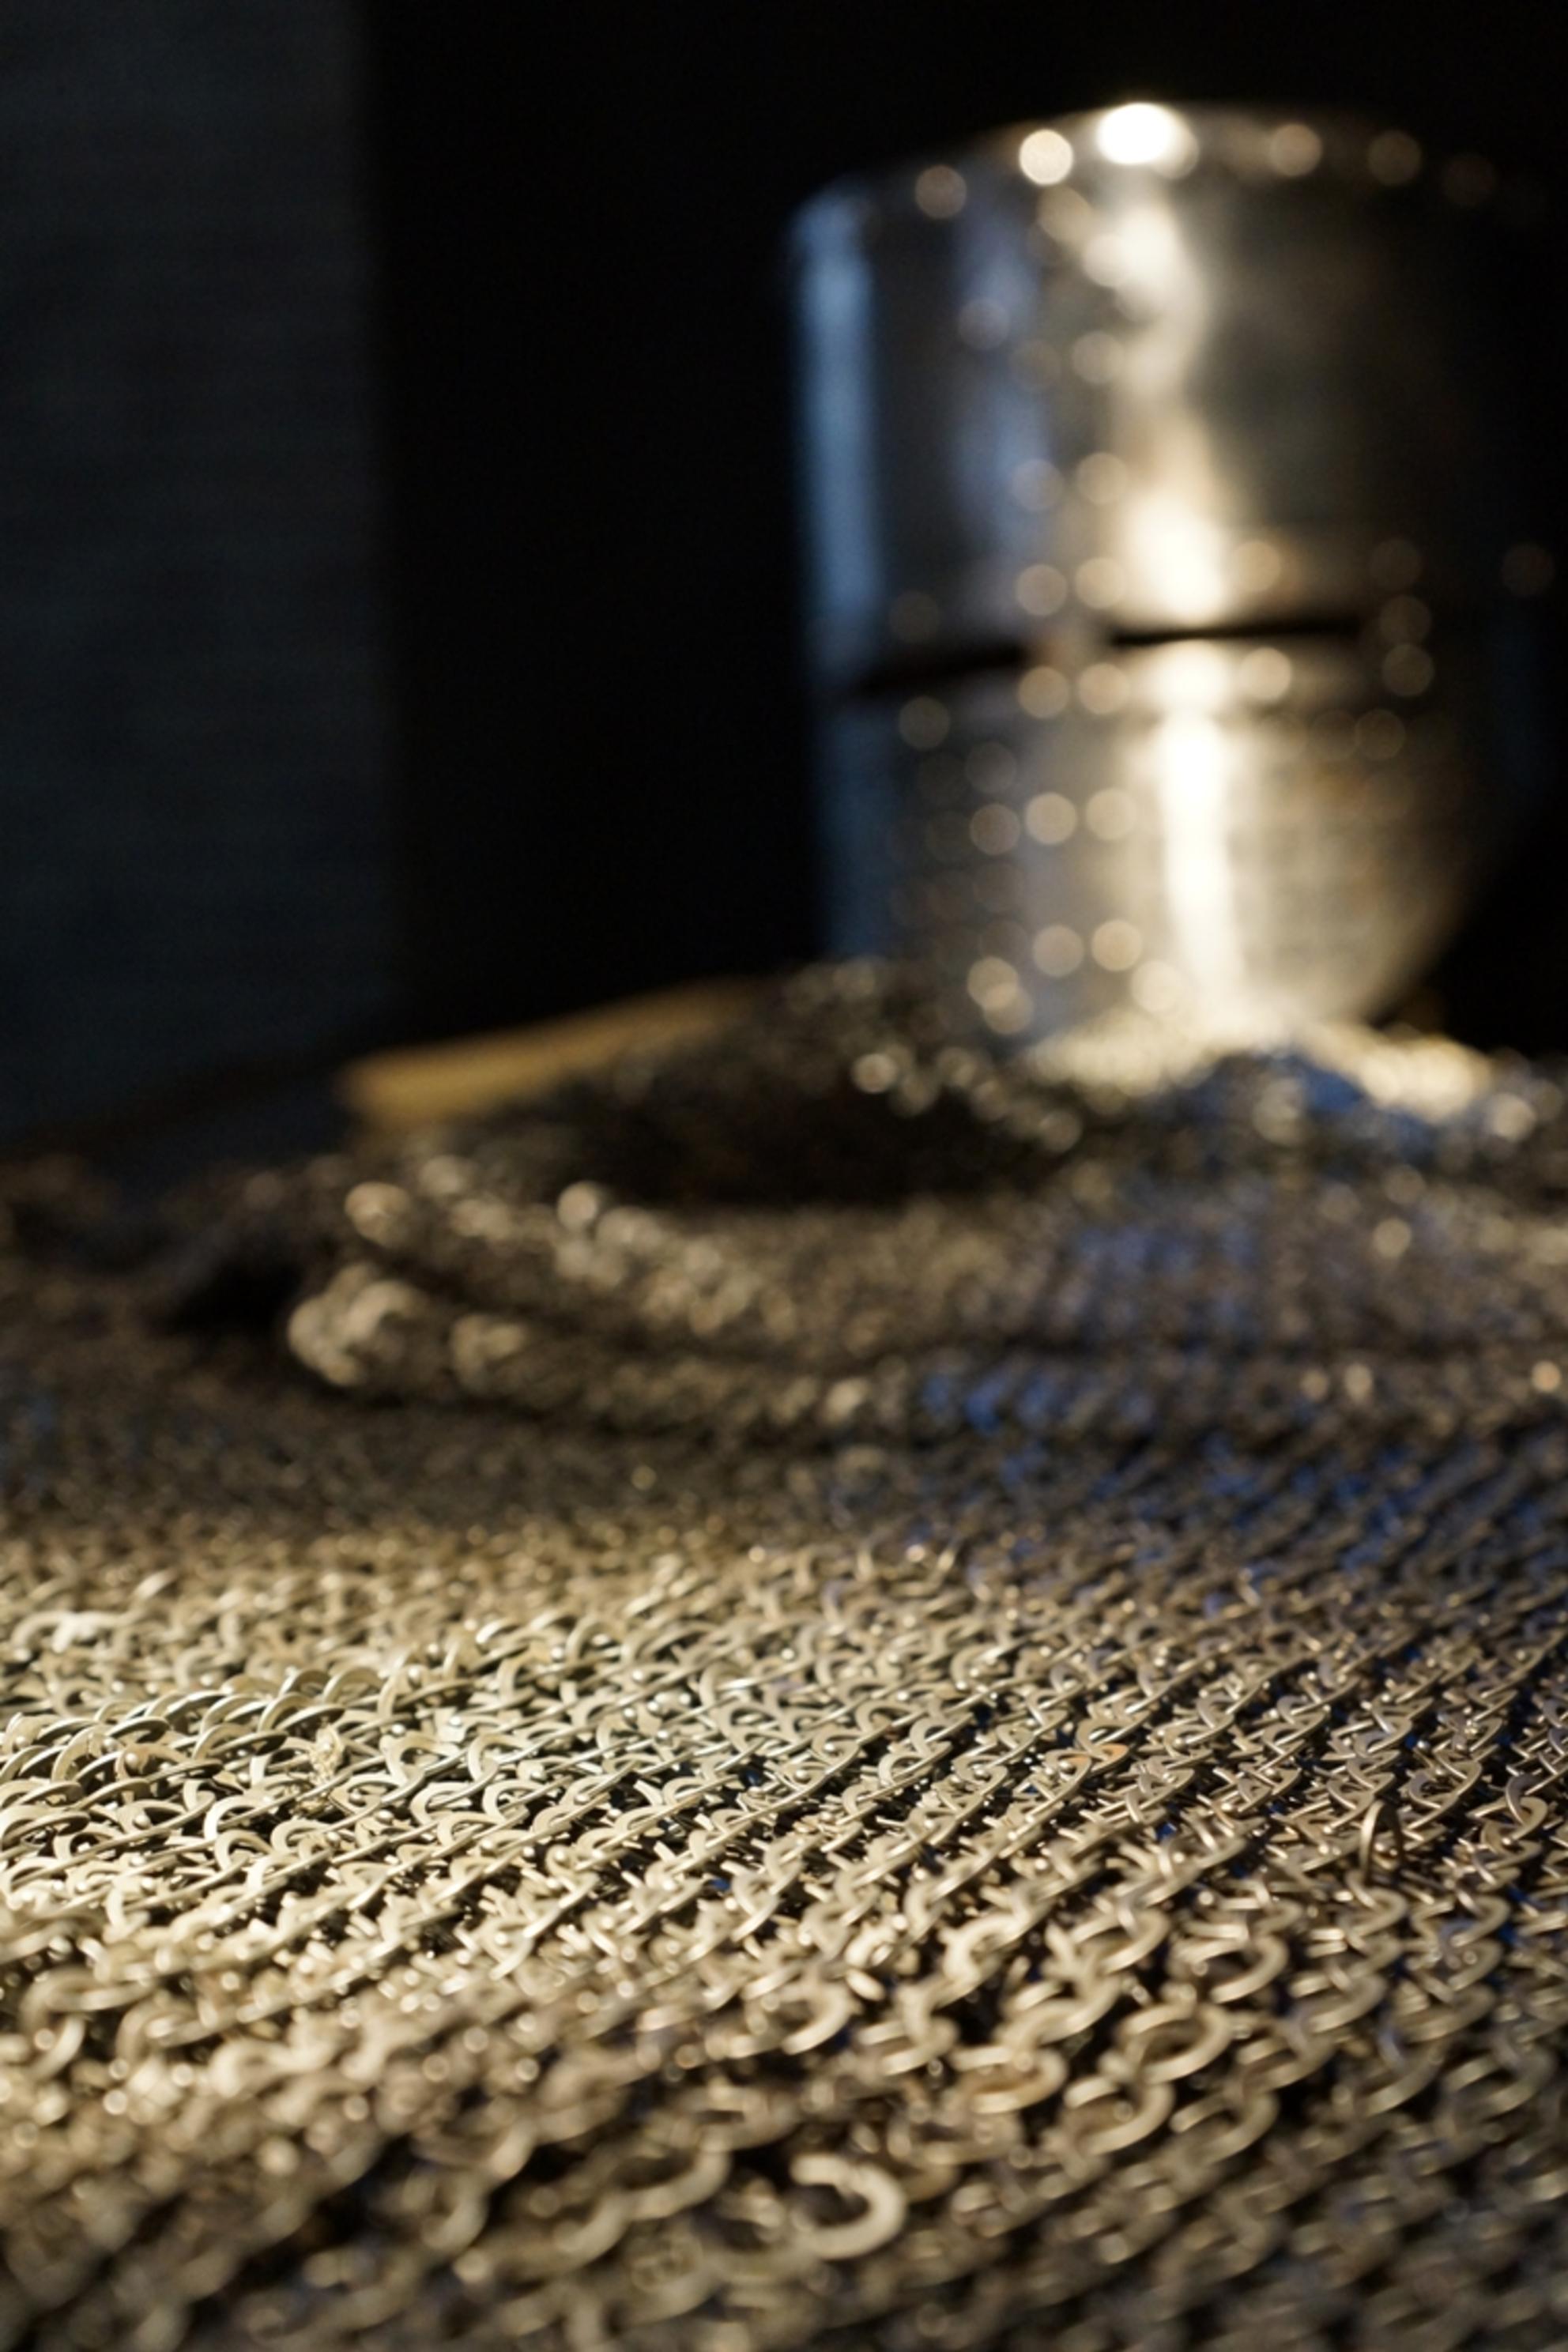 Geen kolder - Scherptediepte experimentje in abdij Herkenrode, Hasselt [B] - foto door keniaan op 07-05-2014 - deze foto bevat: ridder, scherptediepte, harnas, helm, herkenrode